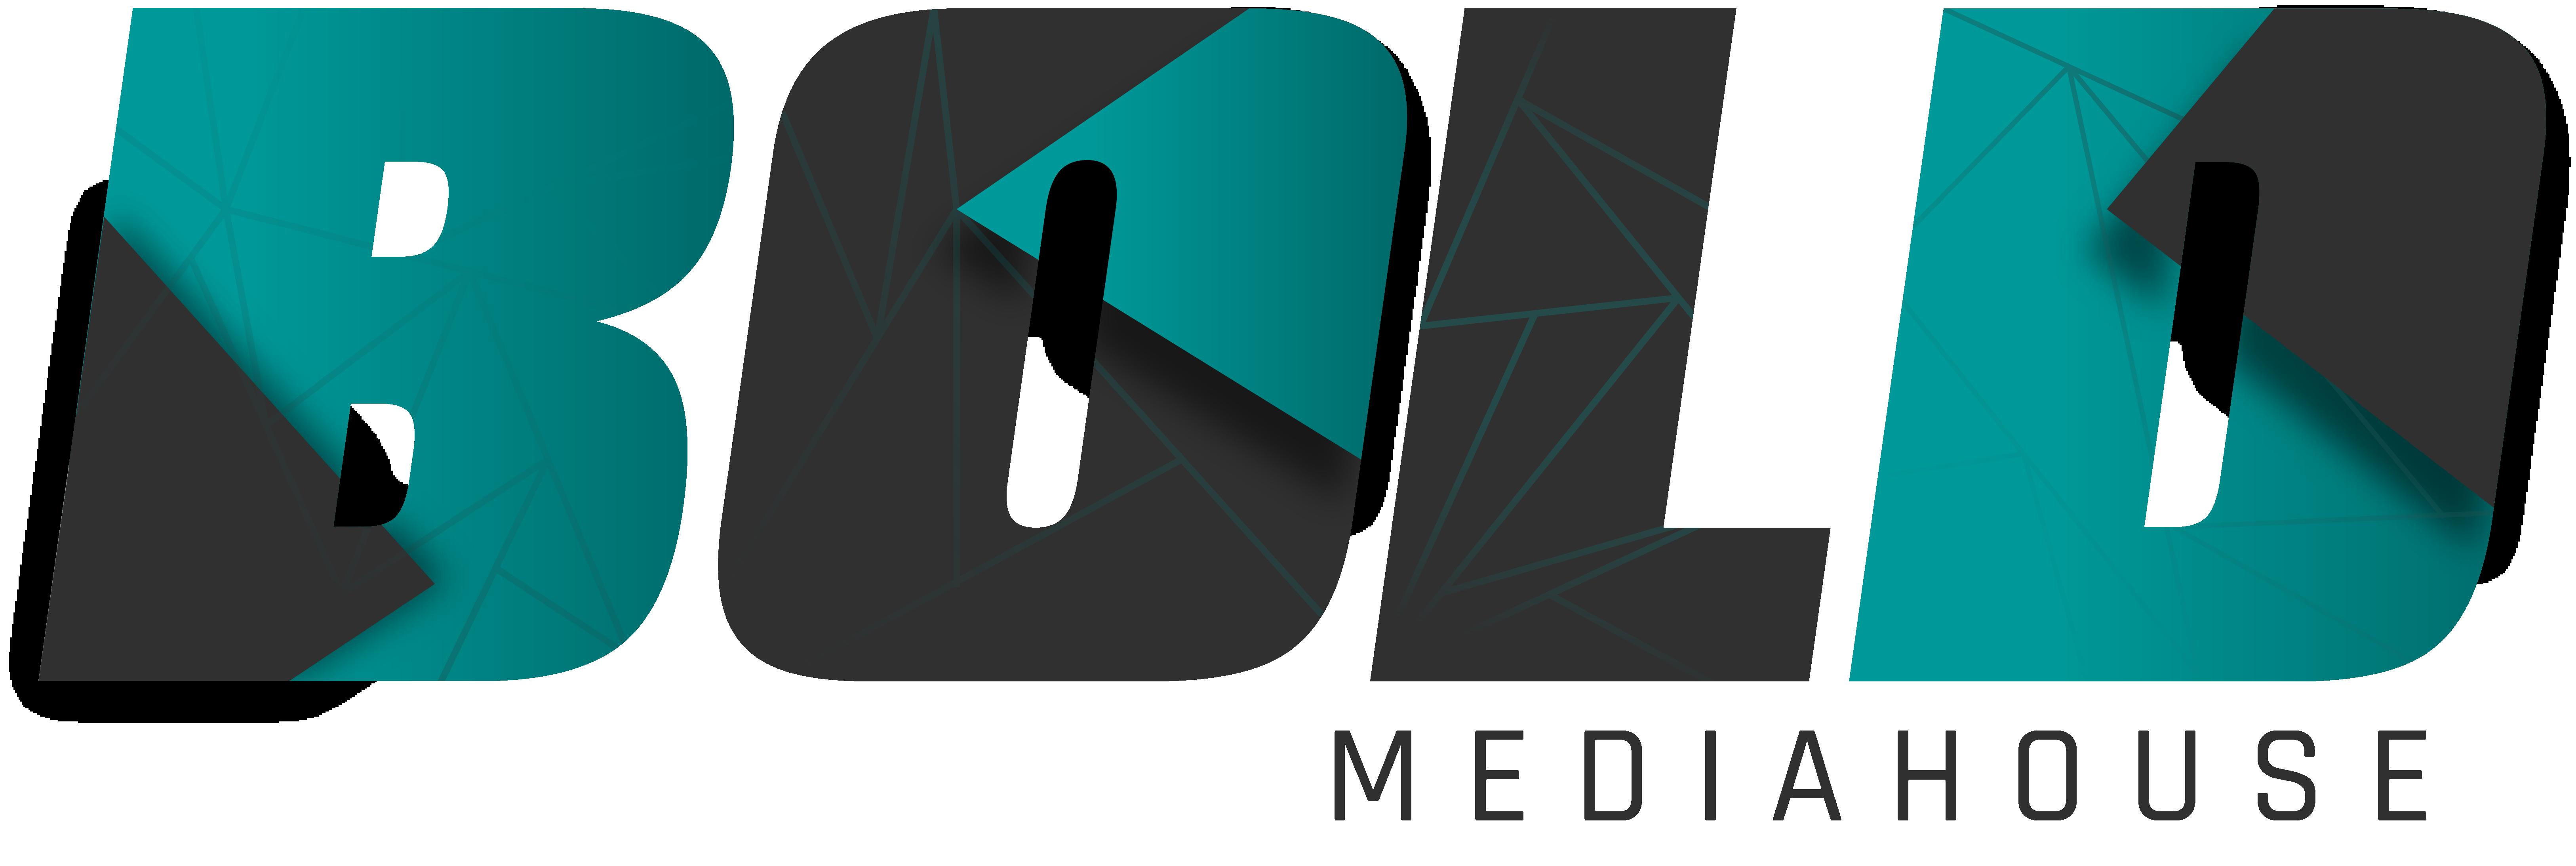 Bold media House